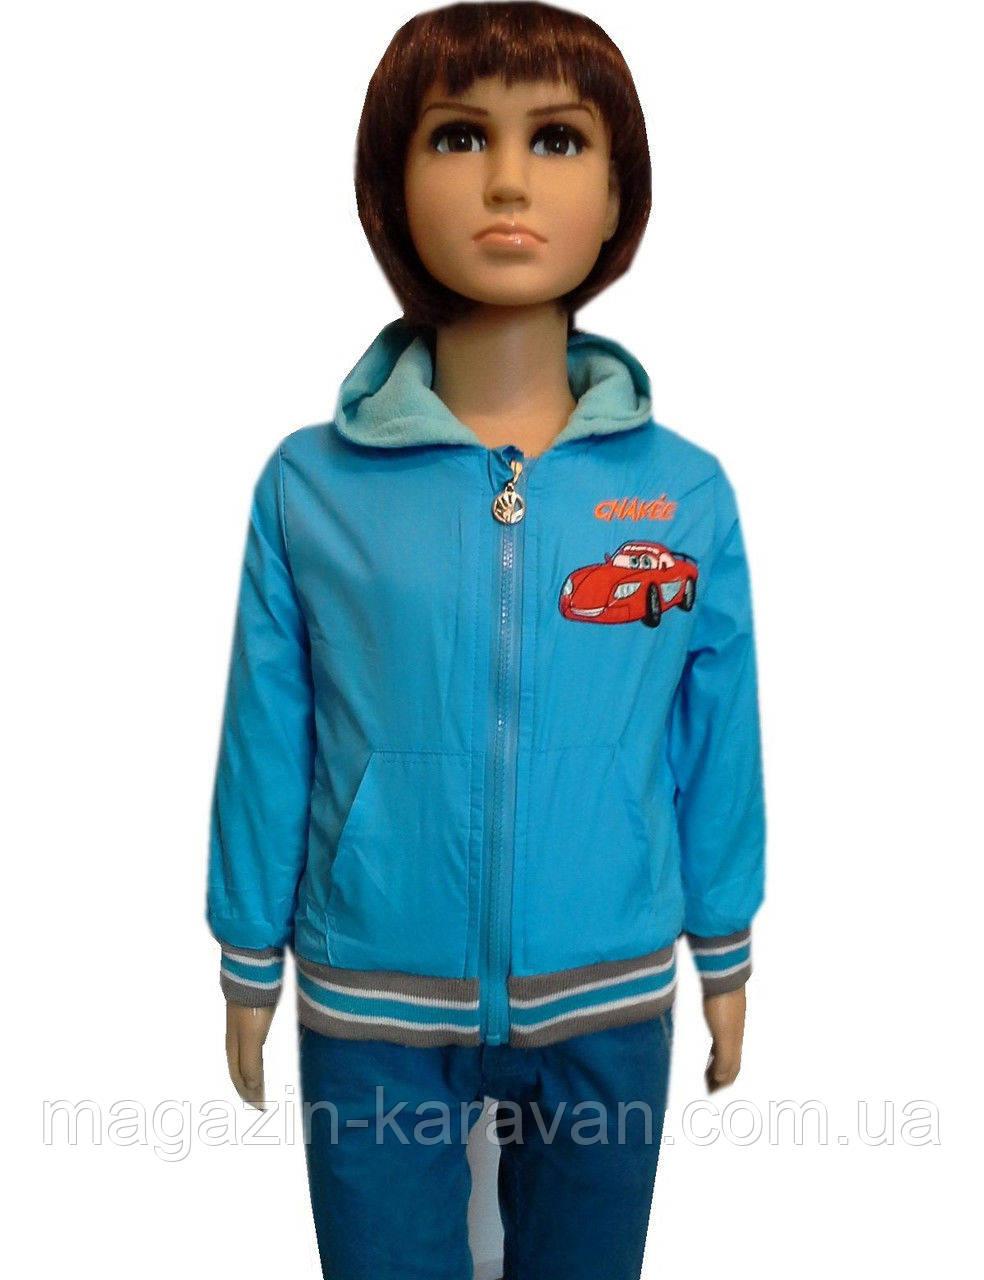 Модная курточка детская классная